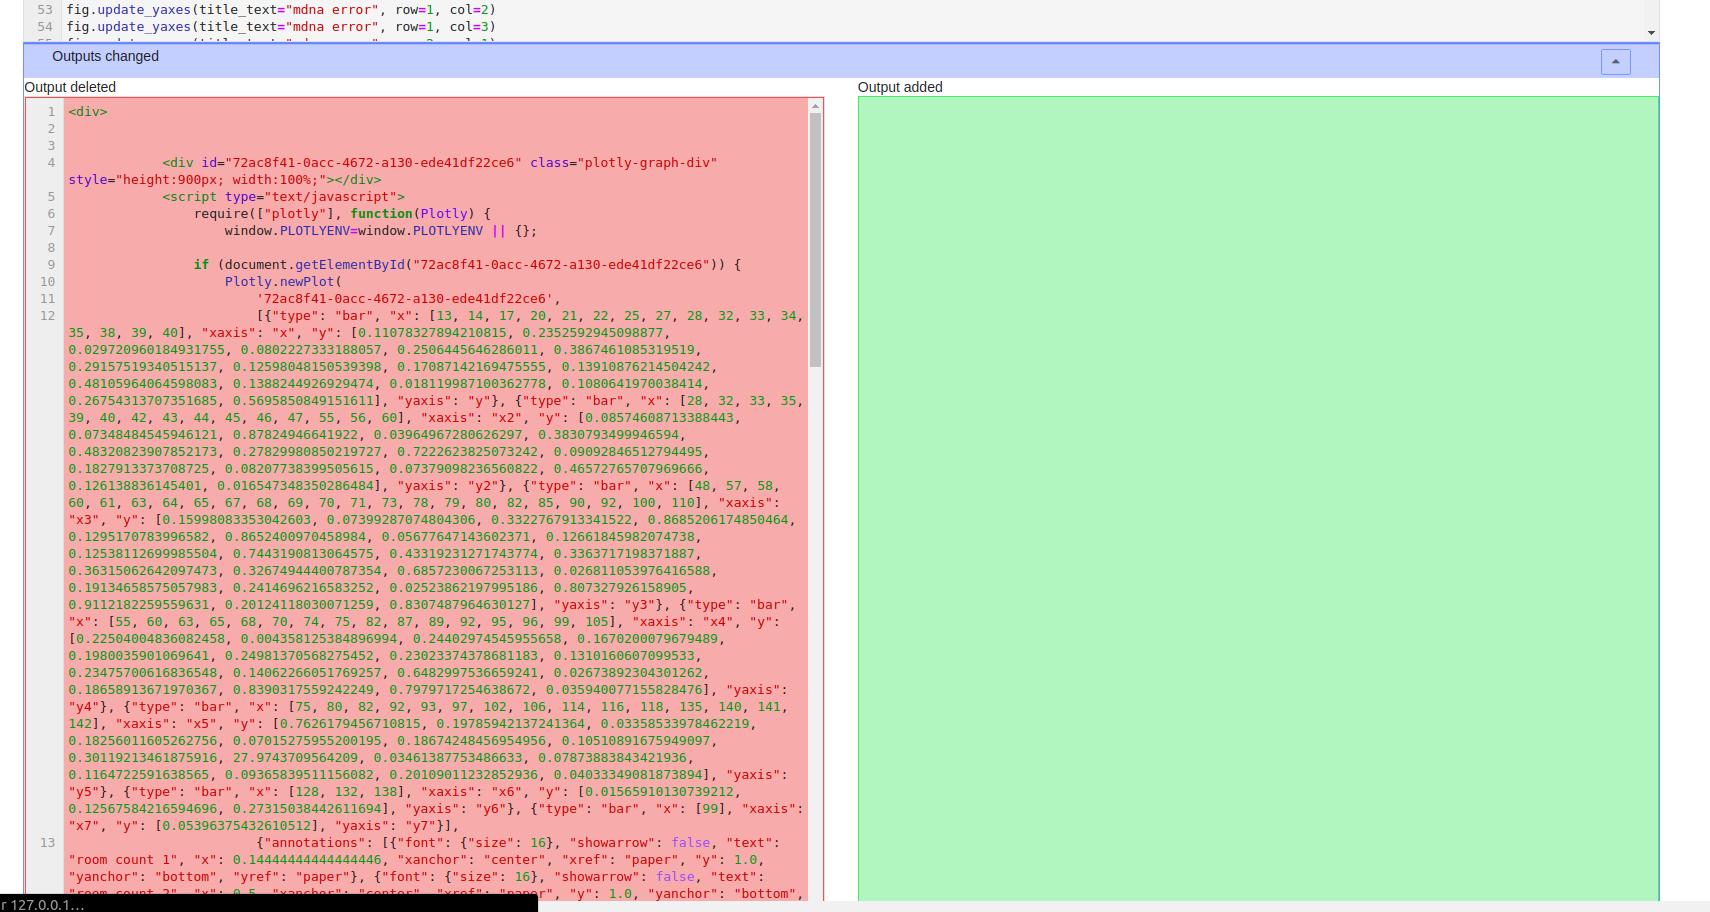 Screenshot from 2020-04-06 14-52-37